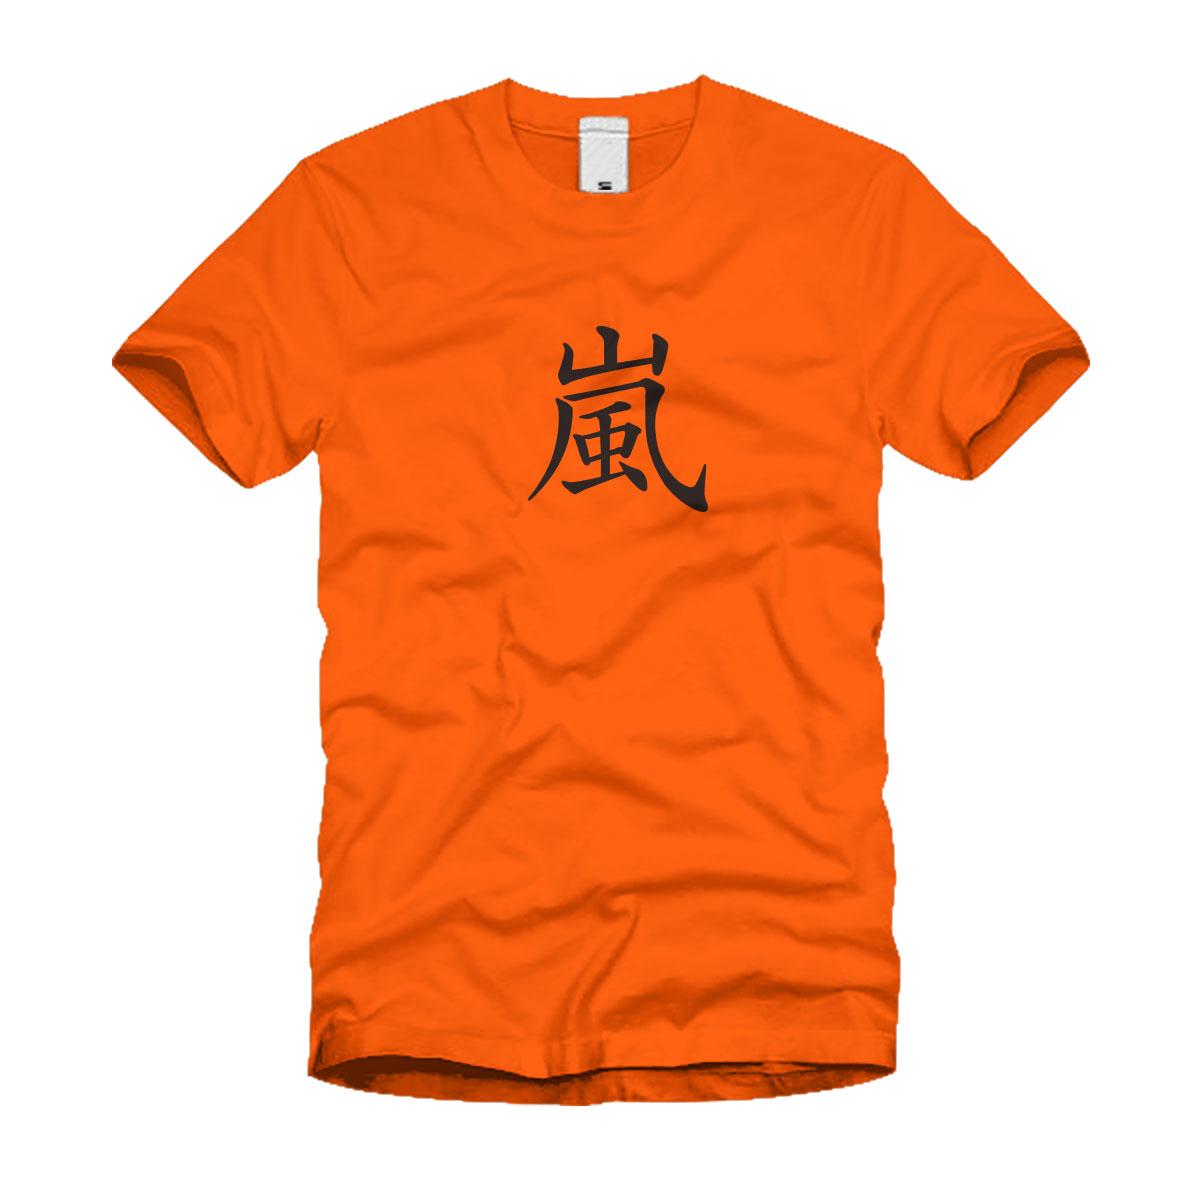 文字Tシャツ通販 JAPAN MOTION : 漢字 英語 : 漢字